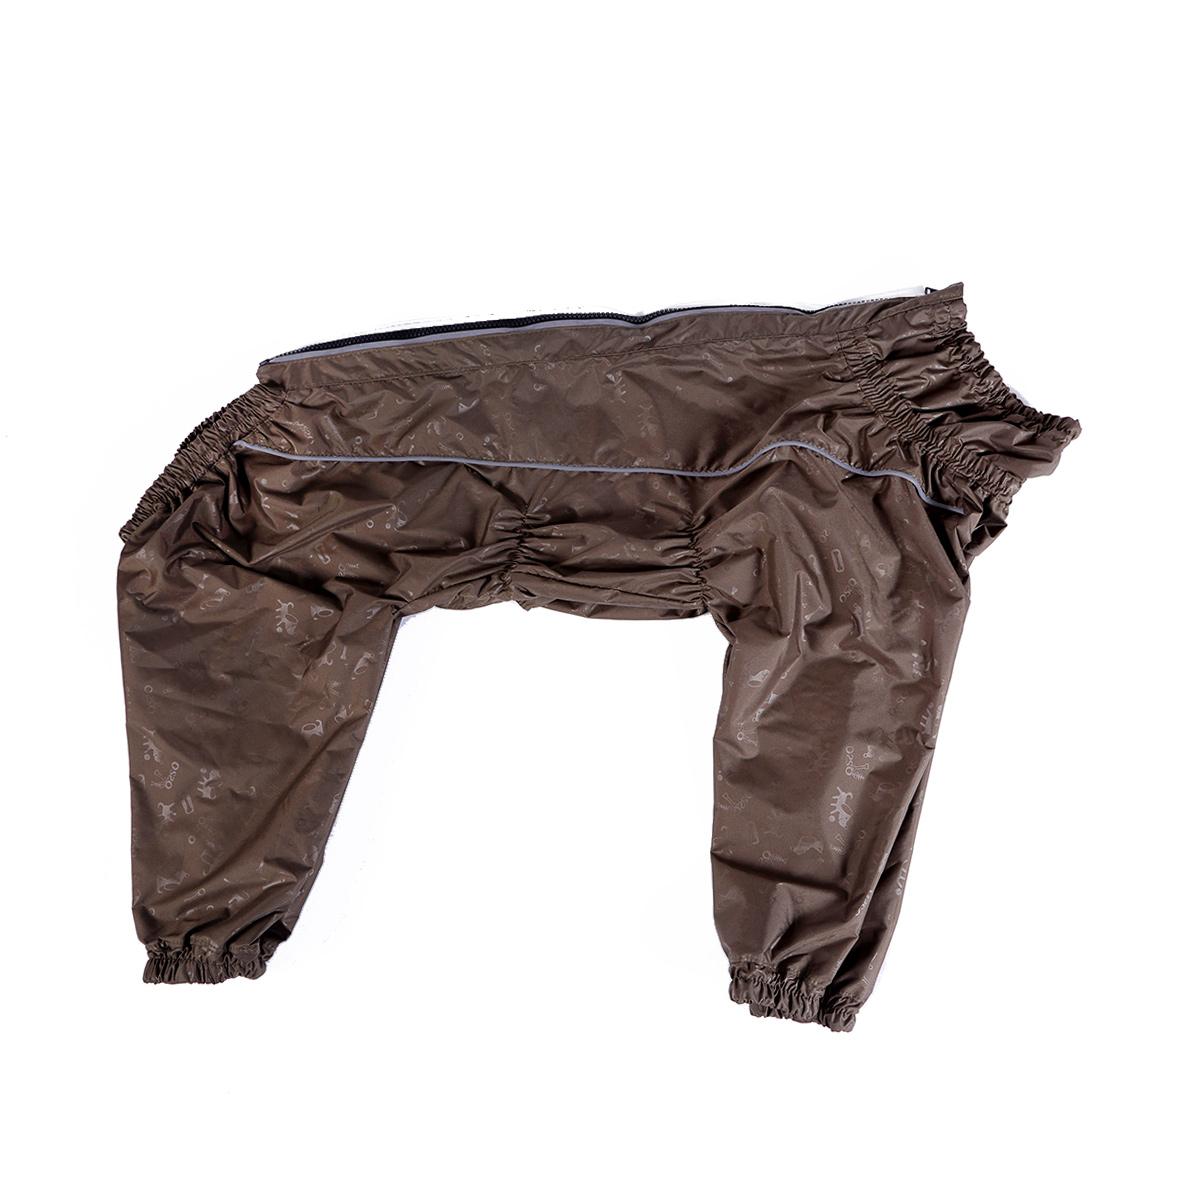 Комбинезон для собак OSSO Fashion, для мальчика, цвет: хаки. Размер 550120710Комбинезон для собак без подкладки из водоотталкивающей и ветрозащитной ткани (100% полиэстер).Предназначен для прогулок в межсезонье, в сырую погоду для защиты собаки от грязи и воды.В комбинезоне используется отделка со светоотражающим кантом и тракторная молния со светоотражающей полосой.Комбинезон для собак эргономичен, удобен, не сковывает движений собаки при беге, во время игры и при дрессировке. Комфортная посадка по корпусу достигается за счет резинок-утяжек под грудью и животом. На воротнике имеется кнопка для фиксации. От попадания воды и грязи внутрь комбинезона низ штанин также сборен на резинку.Рекомендуется машинная стирка с использованием средства для стирки деликатных тканей при температуре не выше 40?С и загрузке барабана не более чем на 40% от его объема, отжим при скорости не более 400/500 об/мин, сушка на воздухе – с целью уменьшения воздействия на водоотталкивающую (PU) пропитку ткани. Рекомендации по подбору размера: Размер подбирается по длине спины собаки. Она измеряется от холки (от места где сходятся лопатки) до основания хвоста, в стоячем положении. Предупреждение: не измеряйте длину спины от шеи, только от холки.